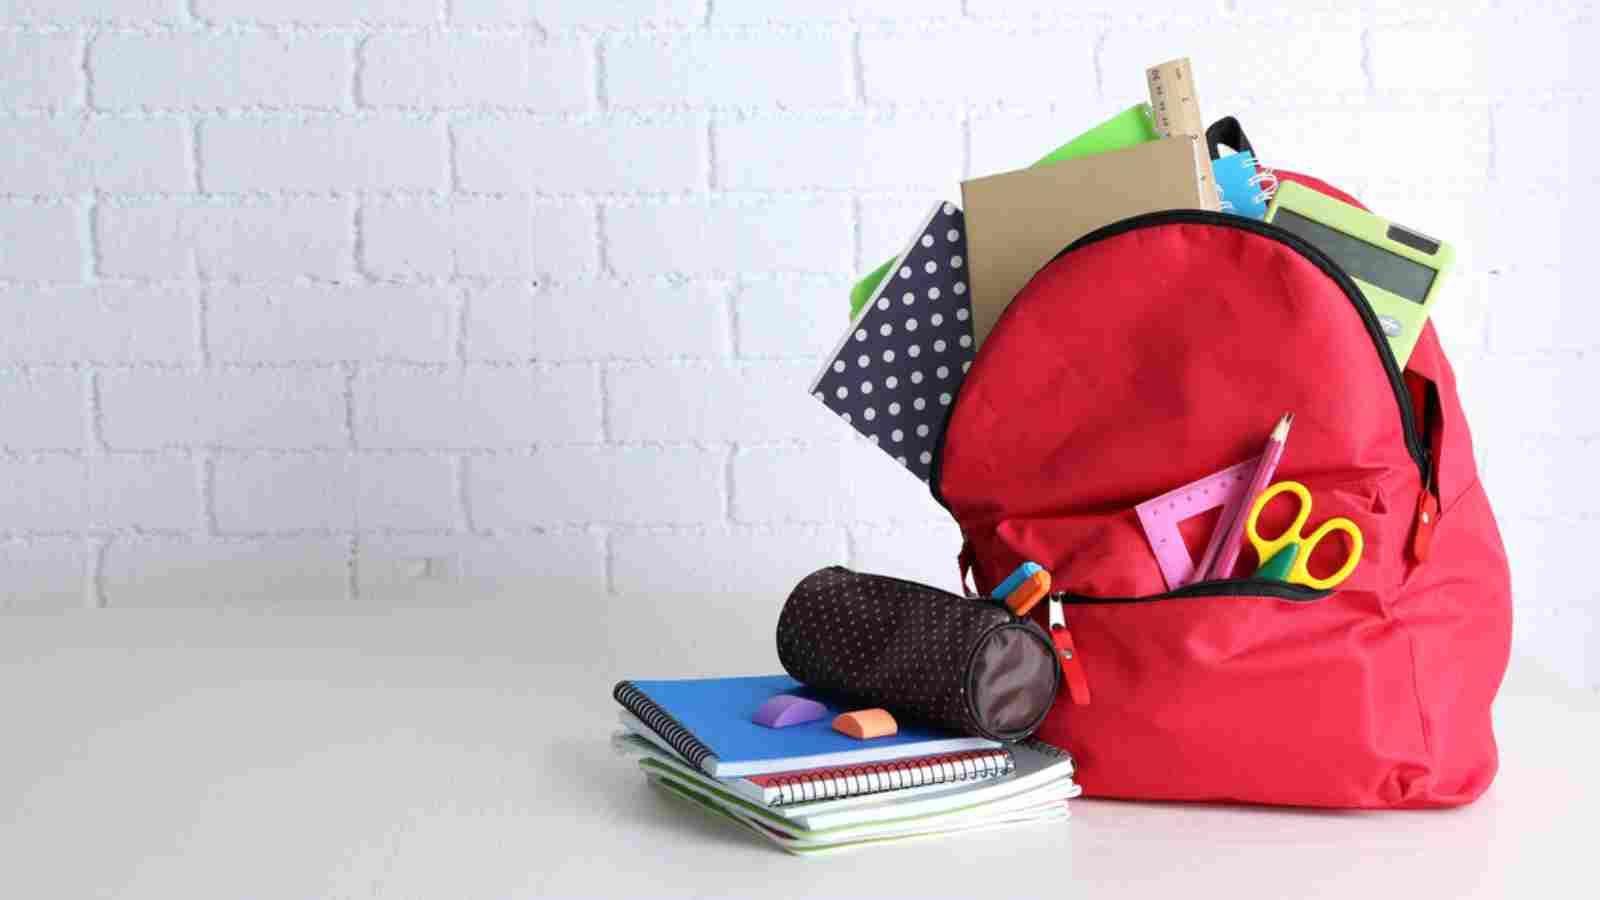 نصائح لتنظيف الحقيبة المدرسية  (2)